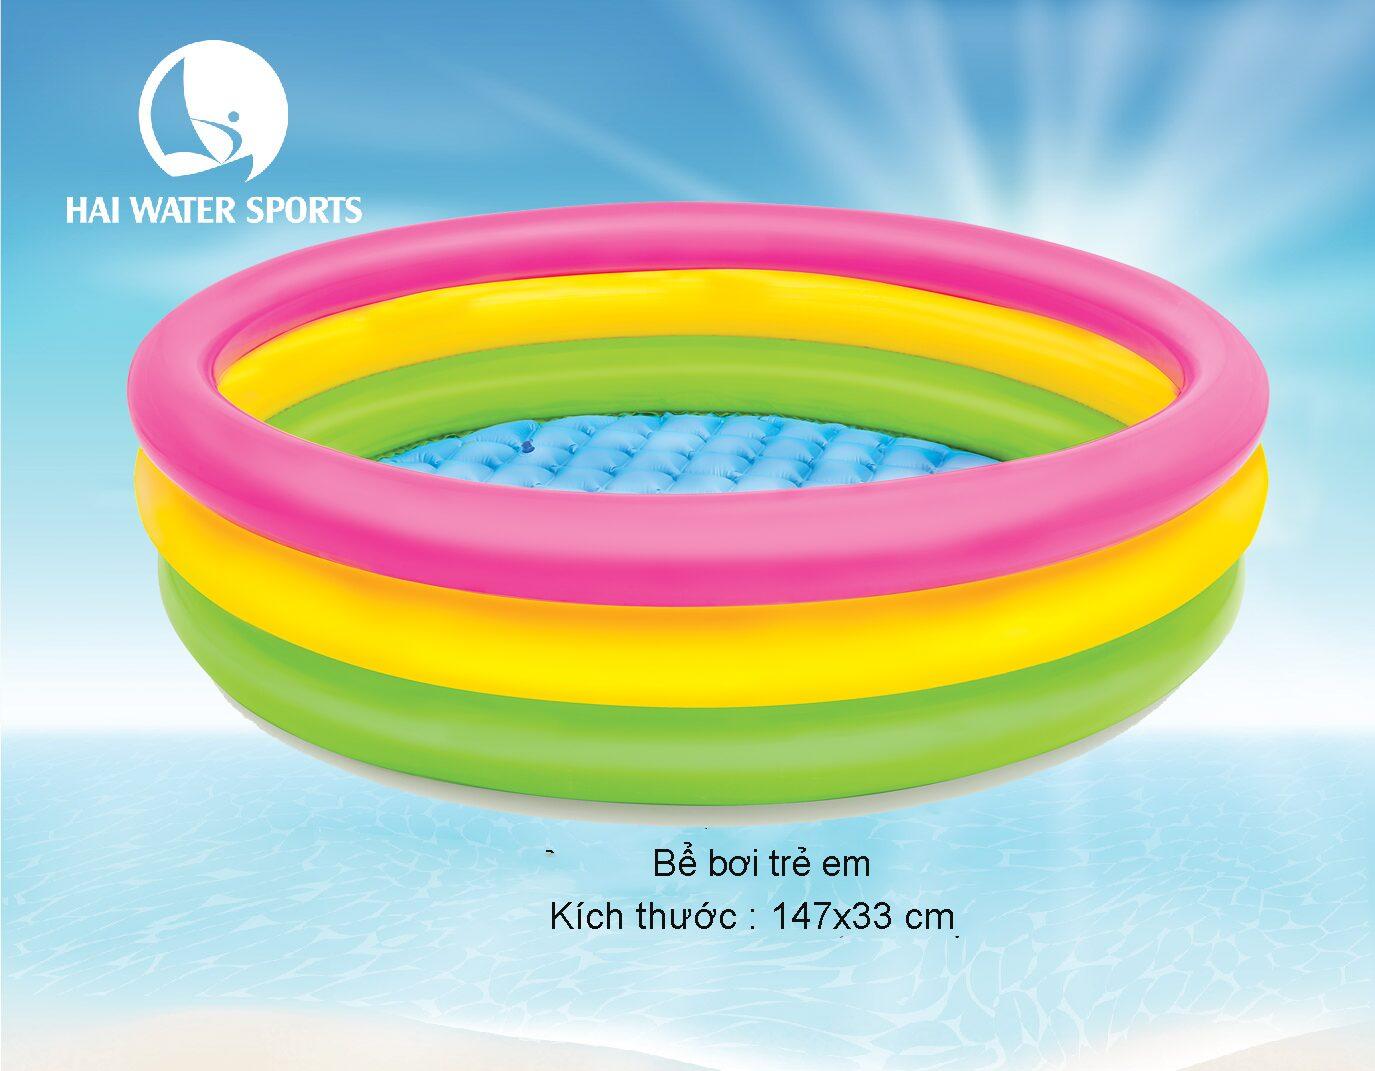 Bể bơi trẻ em 3 tầng